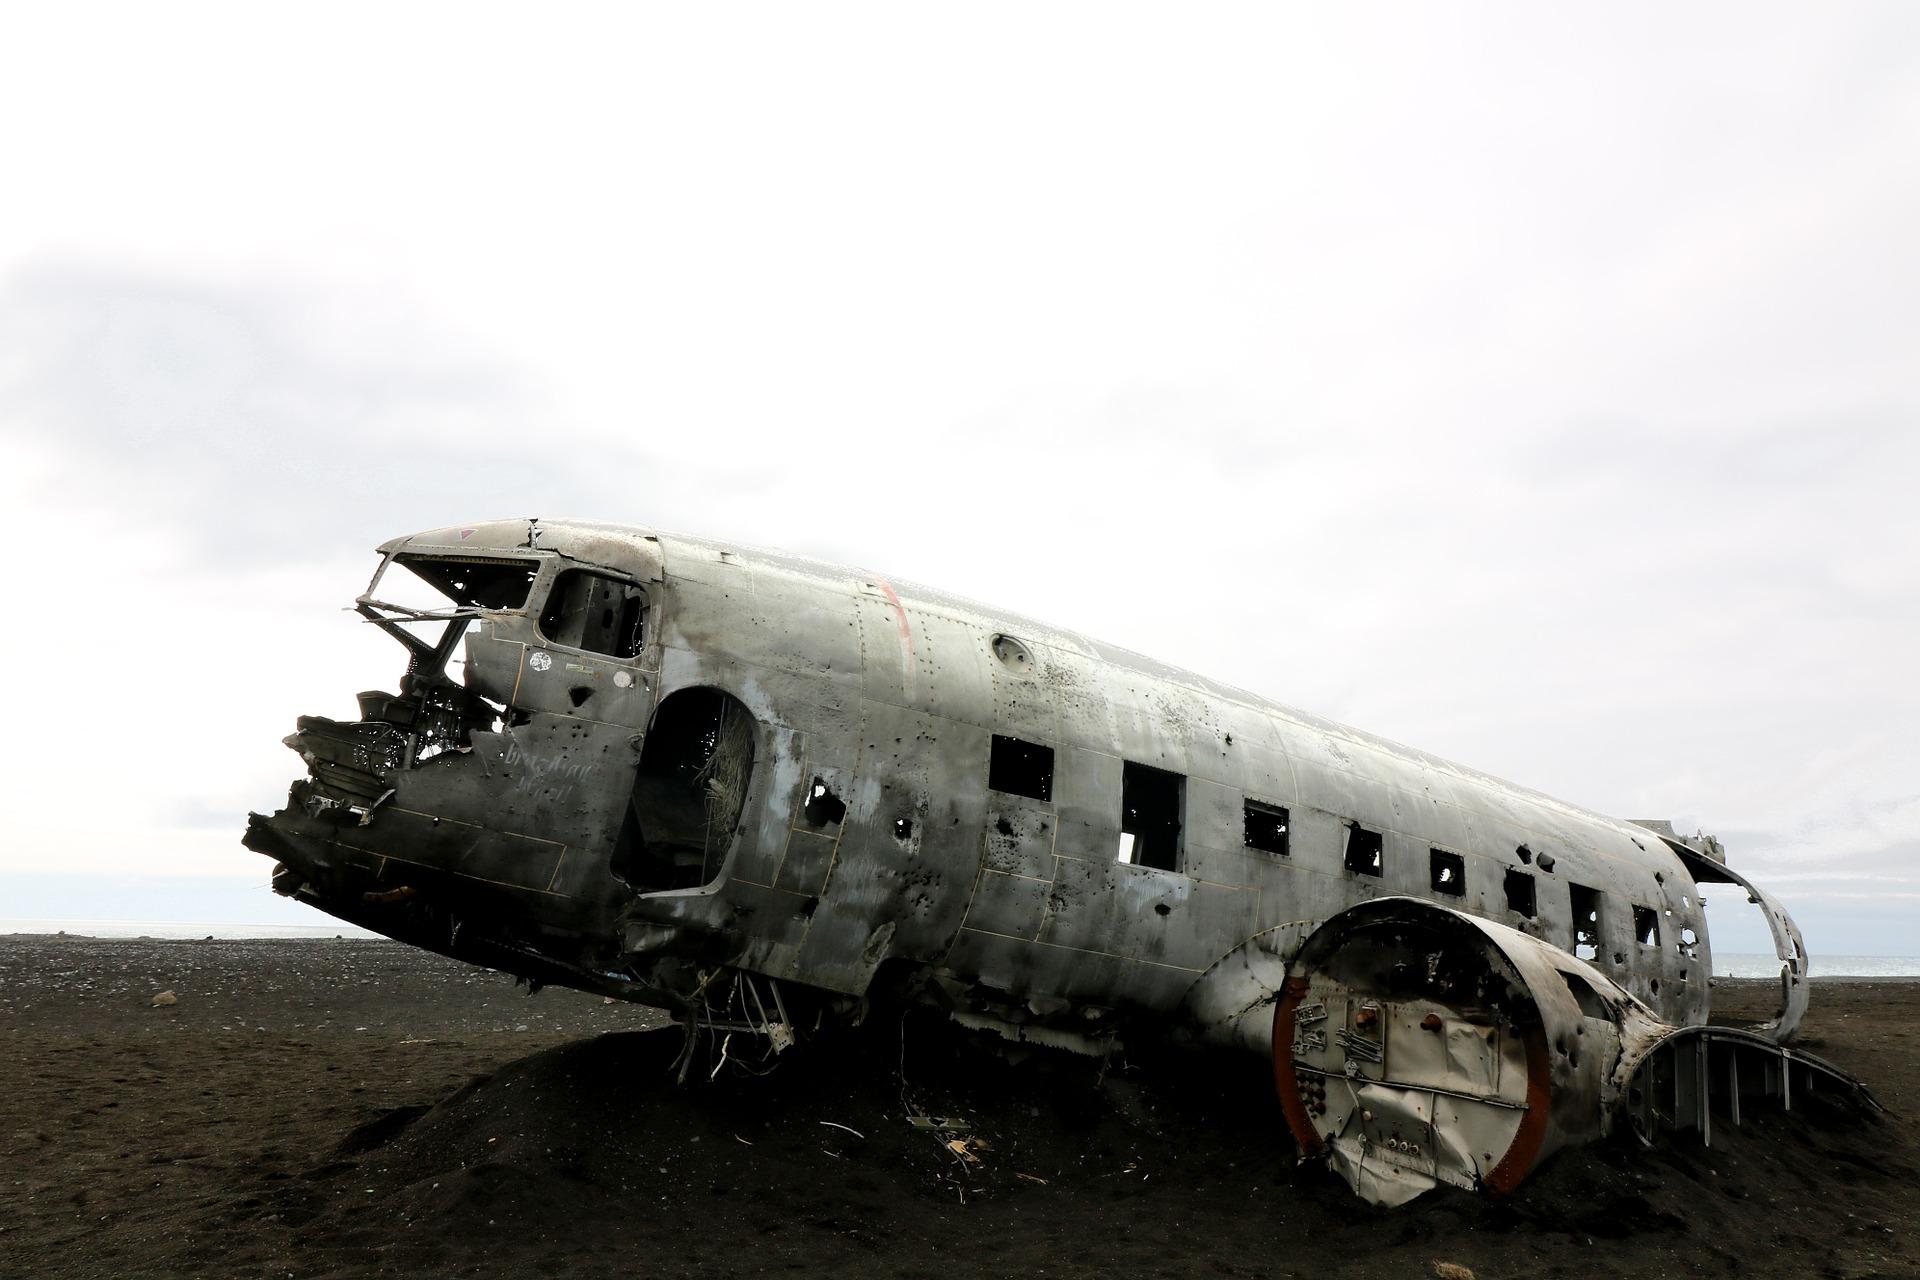 aircraft-1506313_1920.jpg